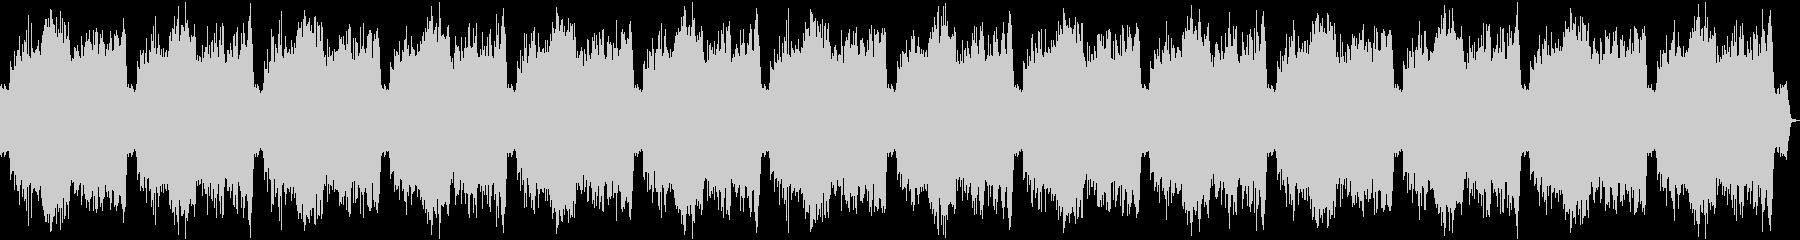 企業VP3 格調・上品・26分バージョンの未再生の波形